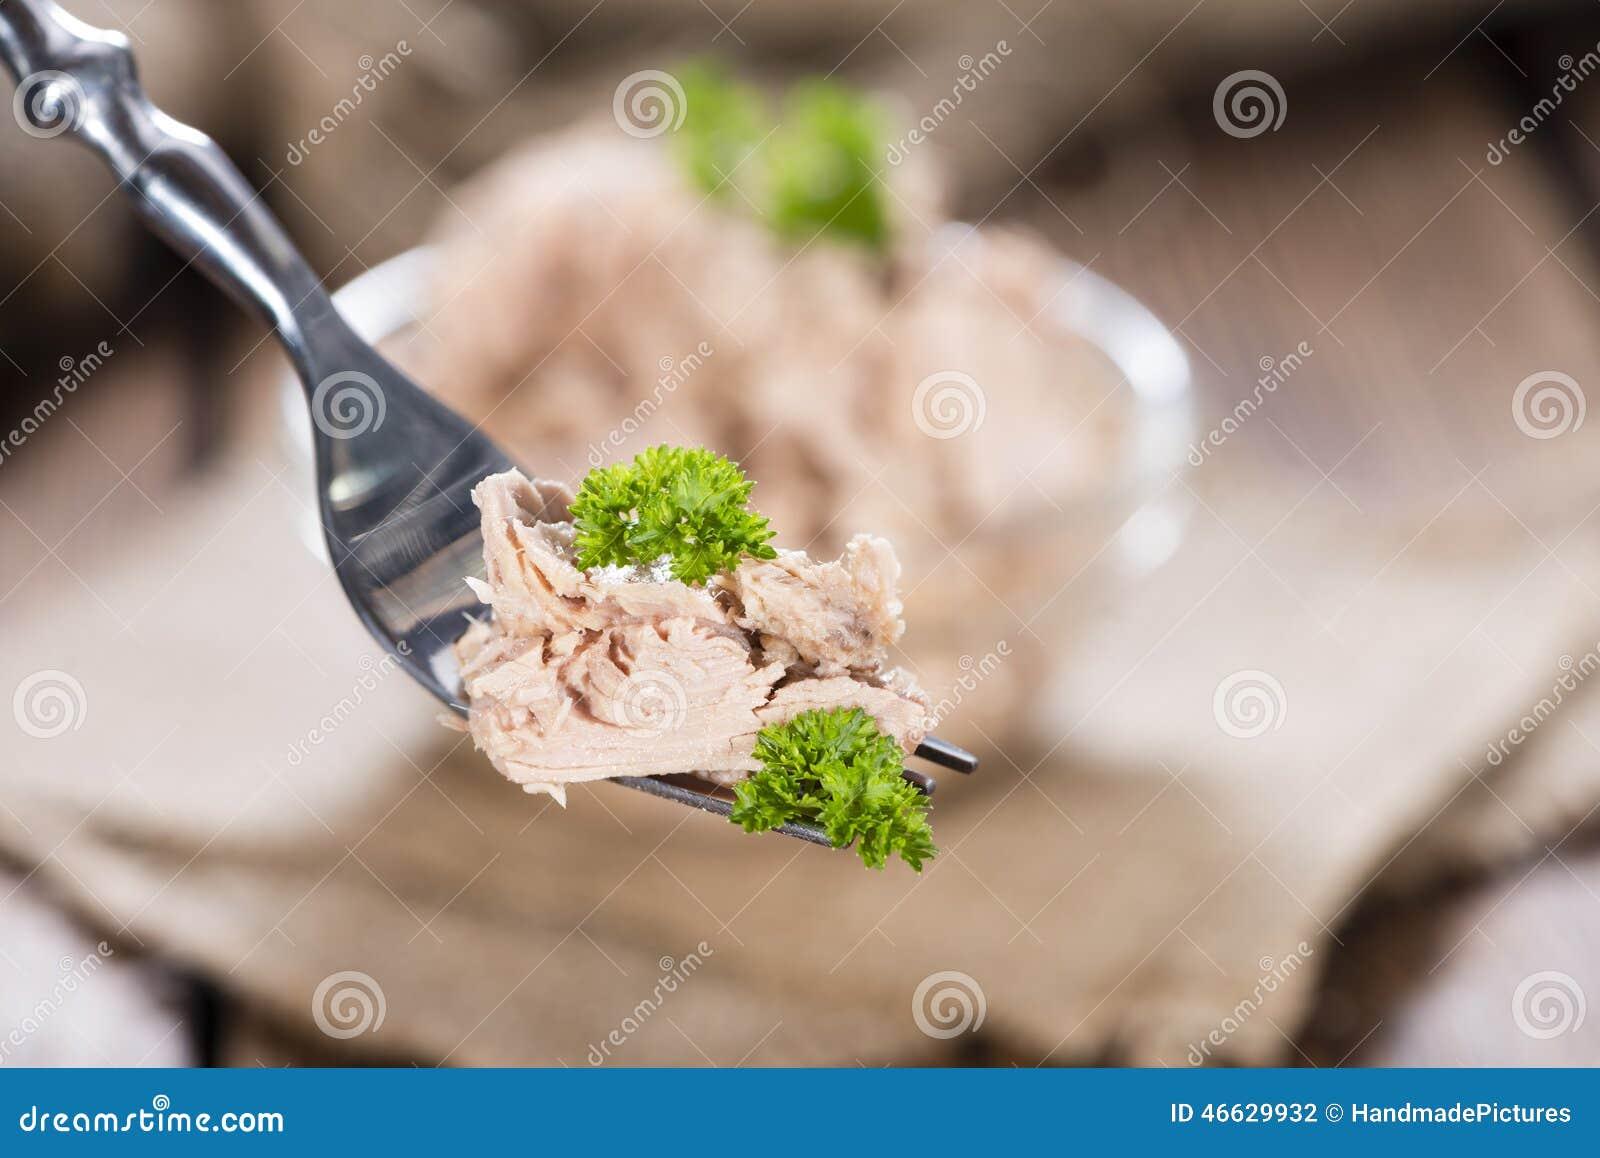 Tonfisk på en gaffel